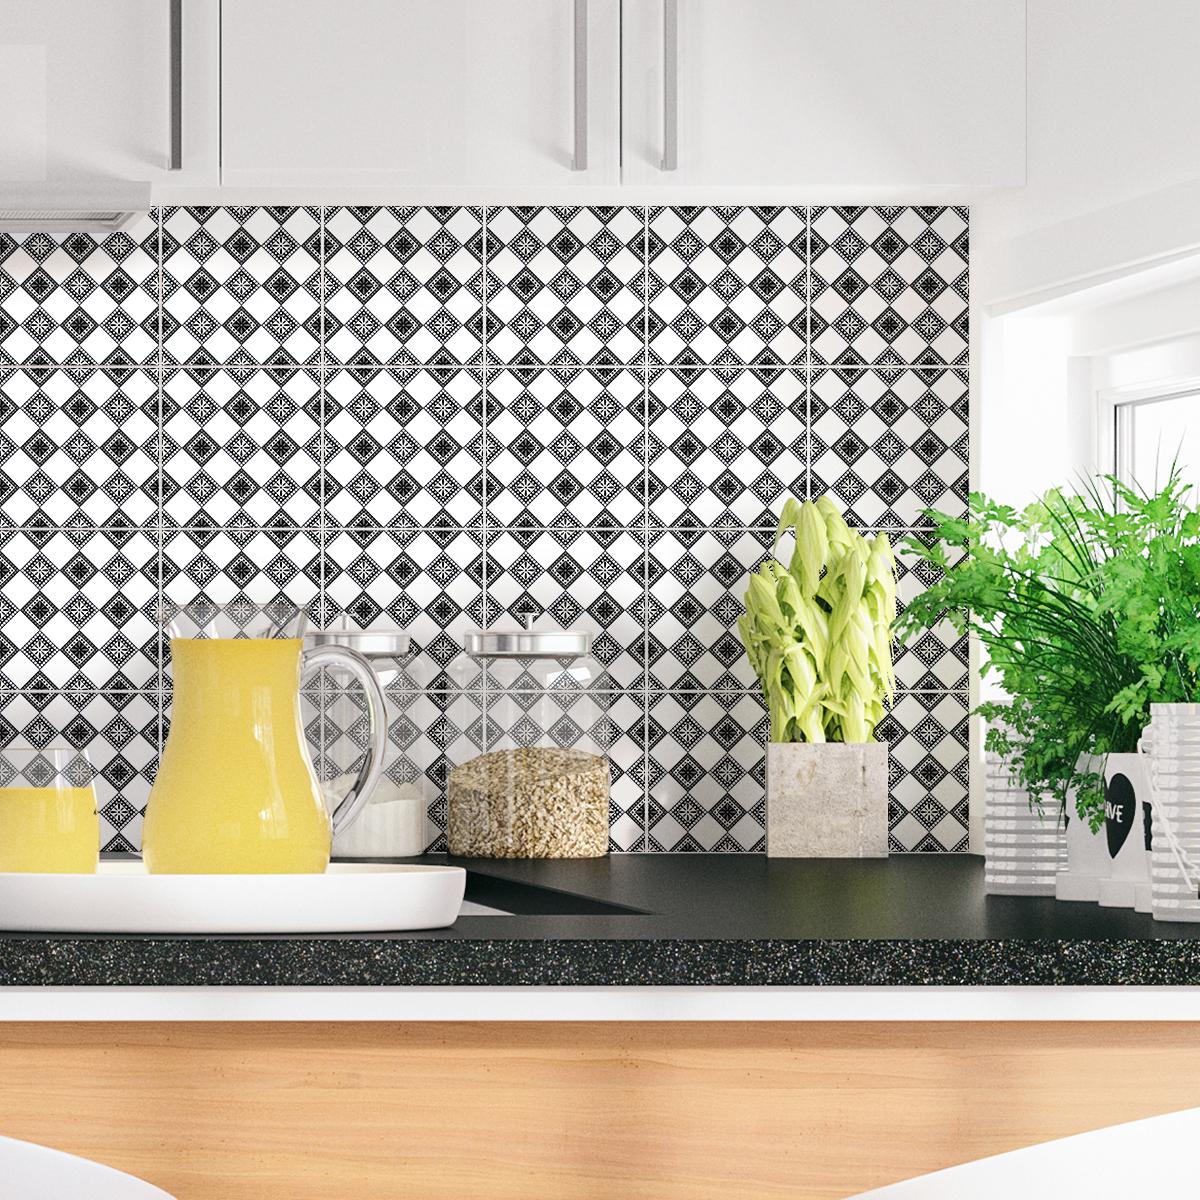 24 stickers carreaux de ciment boh me kisha cuisine carrelages ambiance sticker. Black Bedroom Furniture Sets. Home Design Ideas